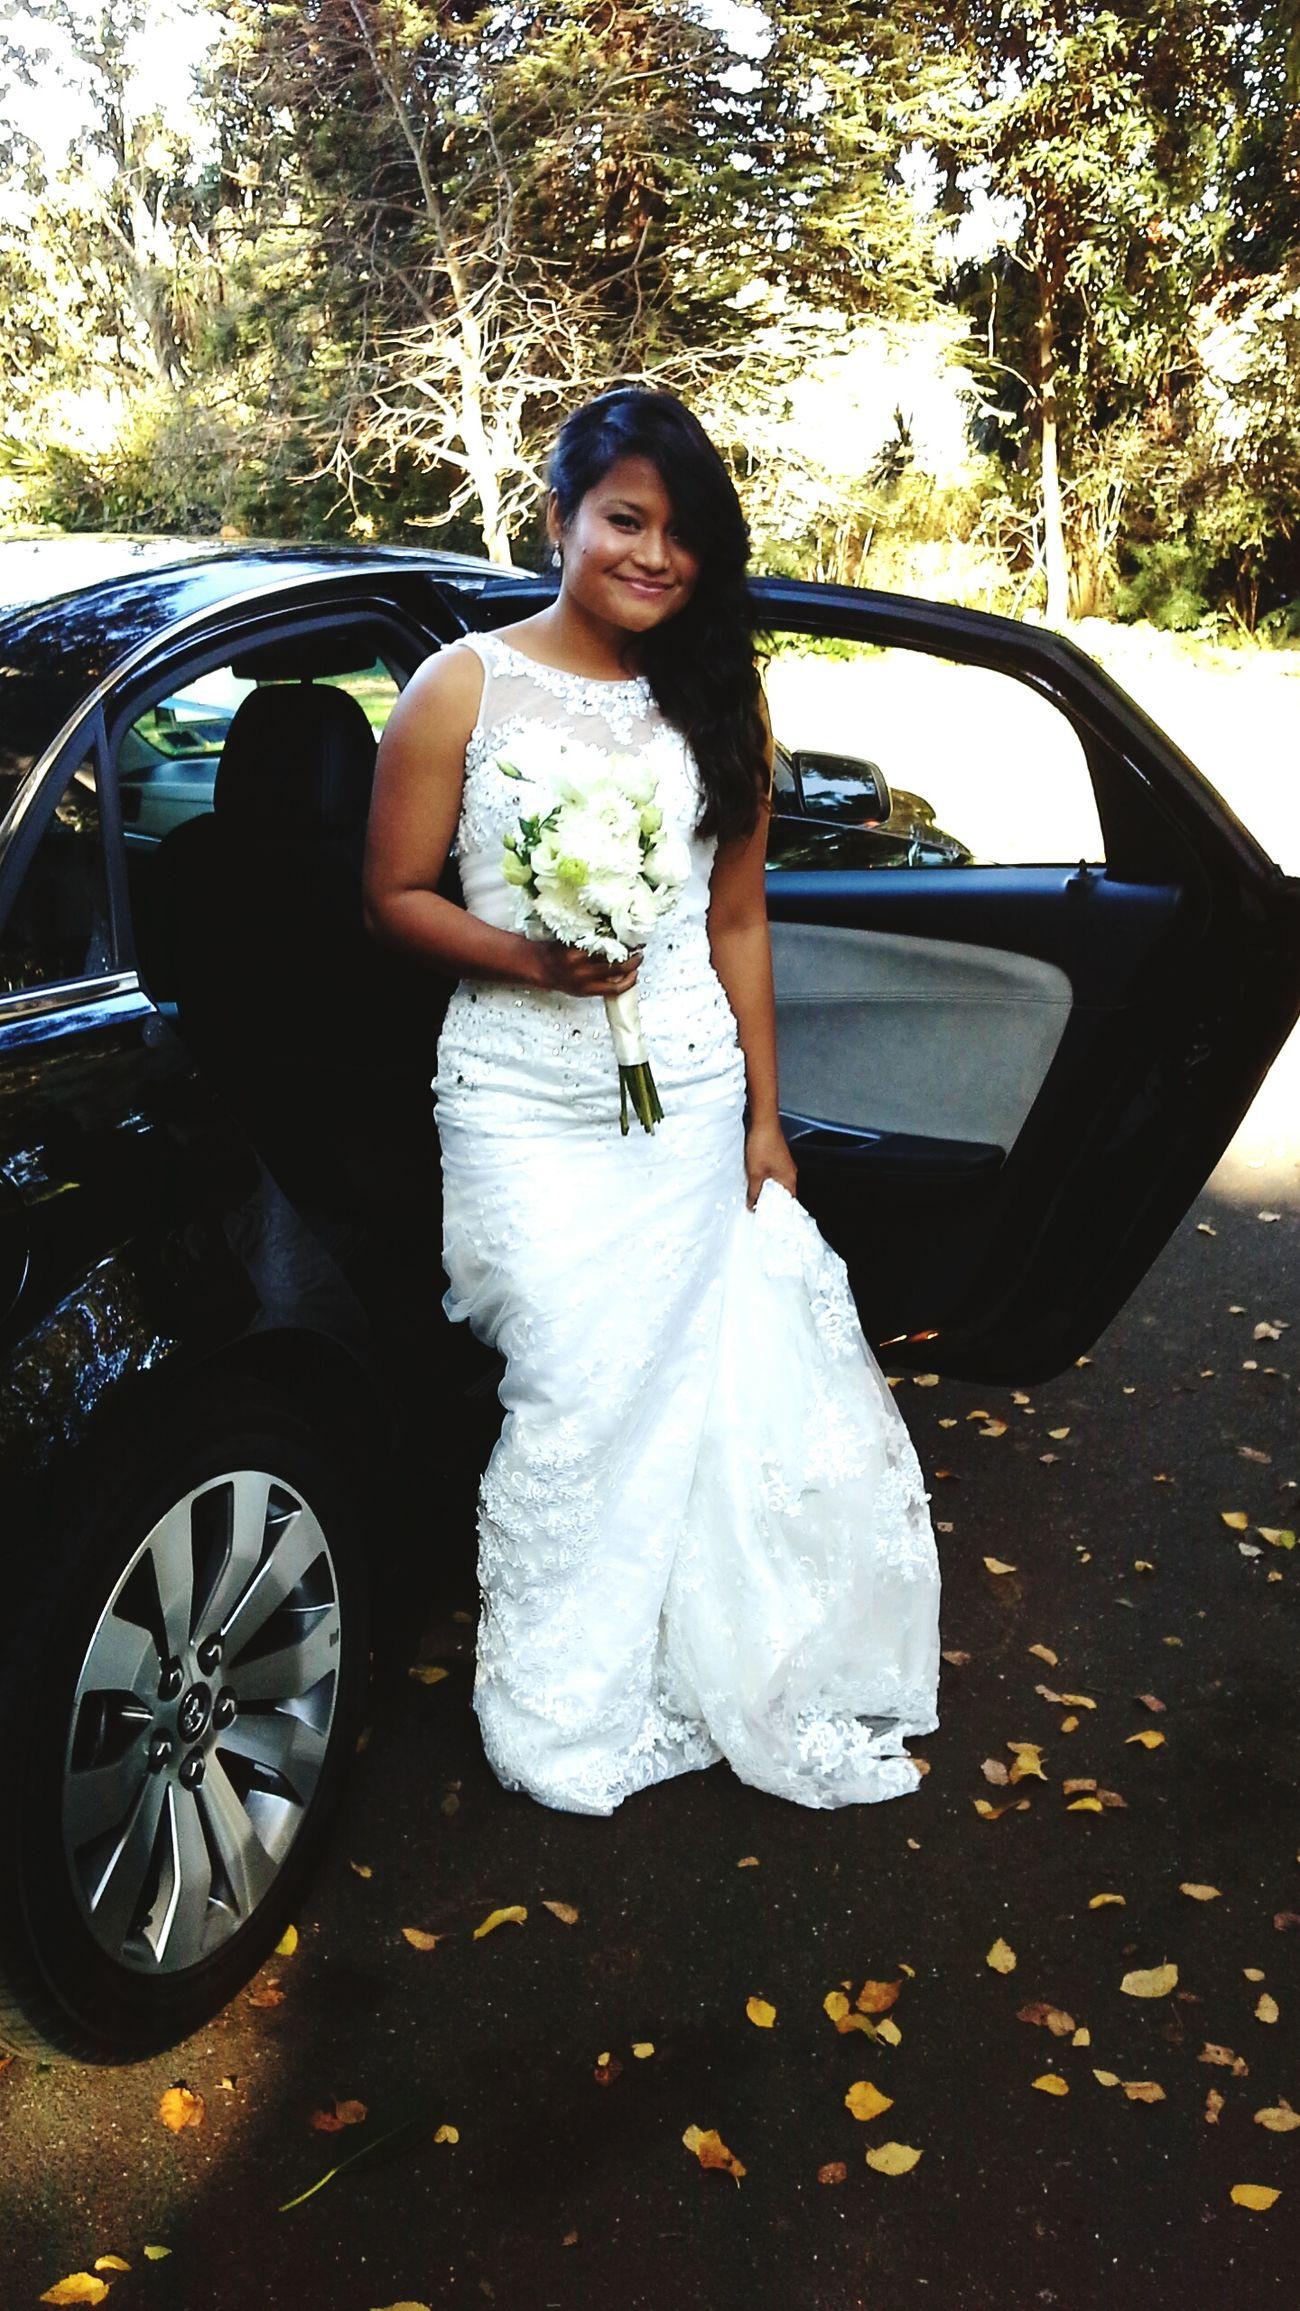 White&green Garden Wedding Dress Romantic Flowers Bouquet